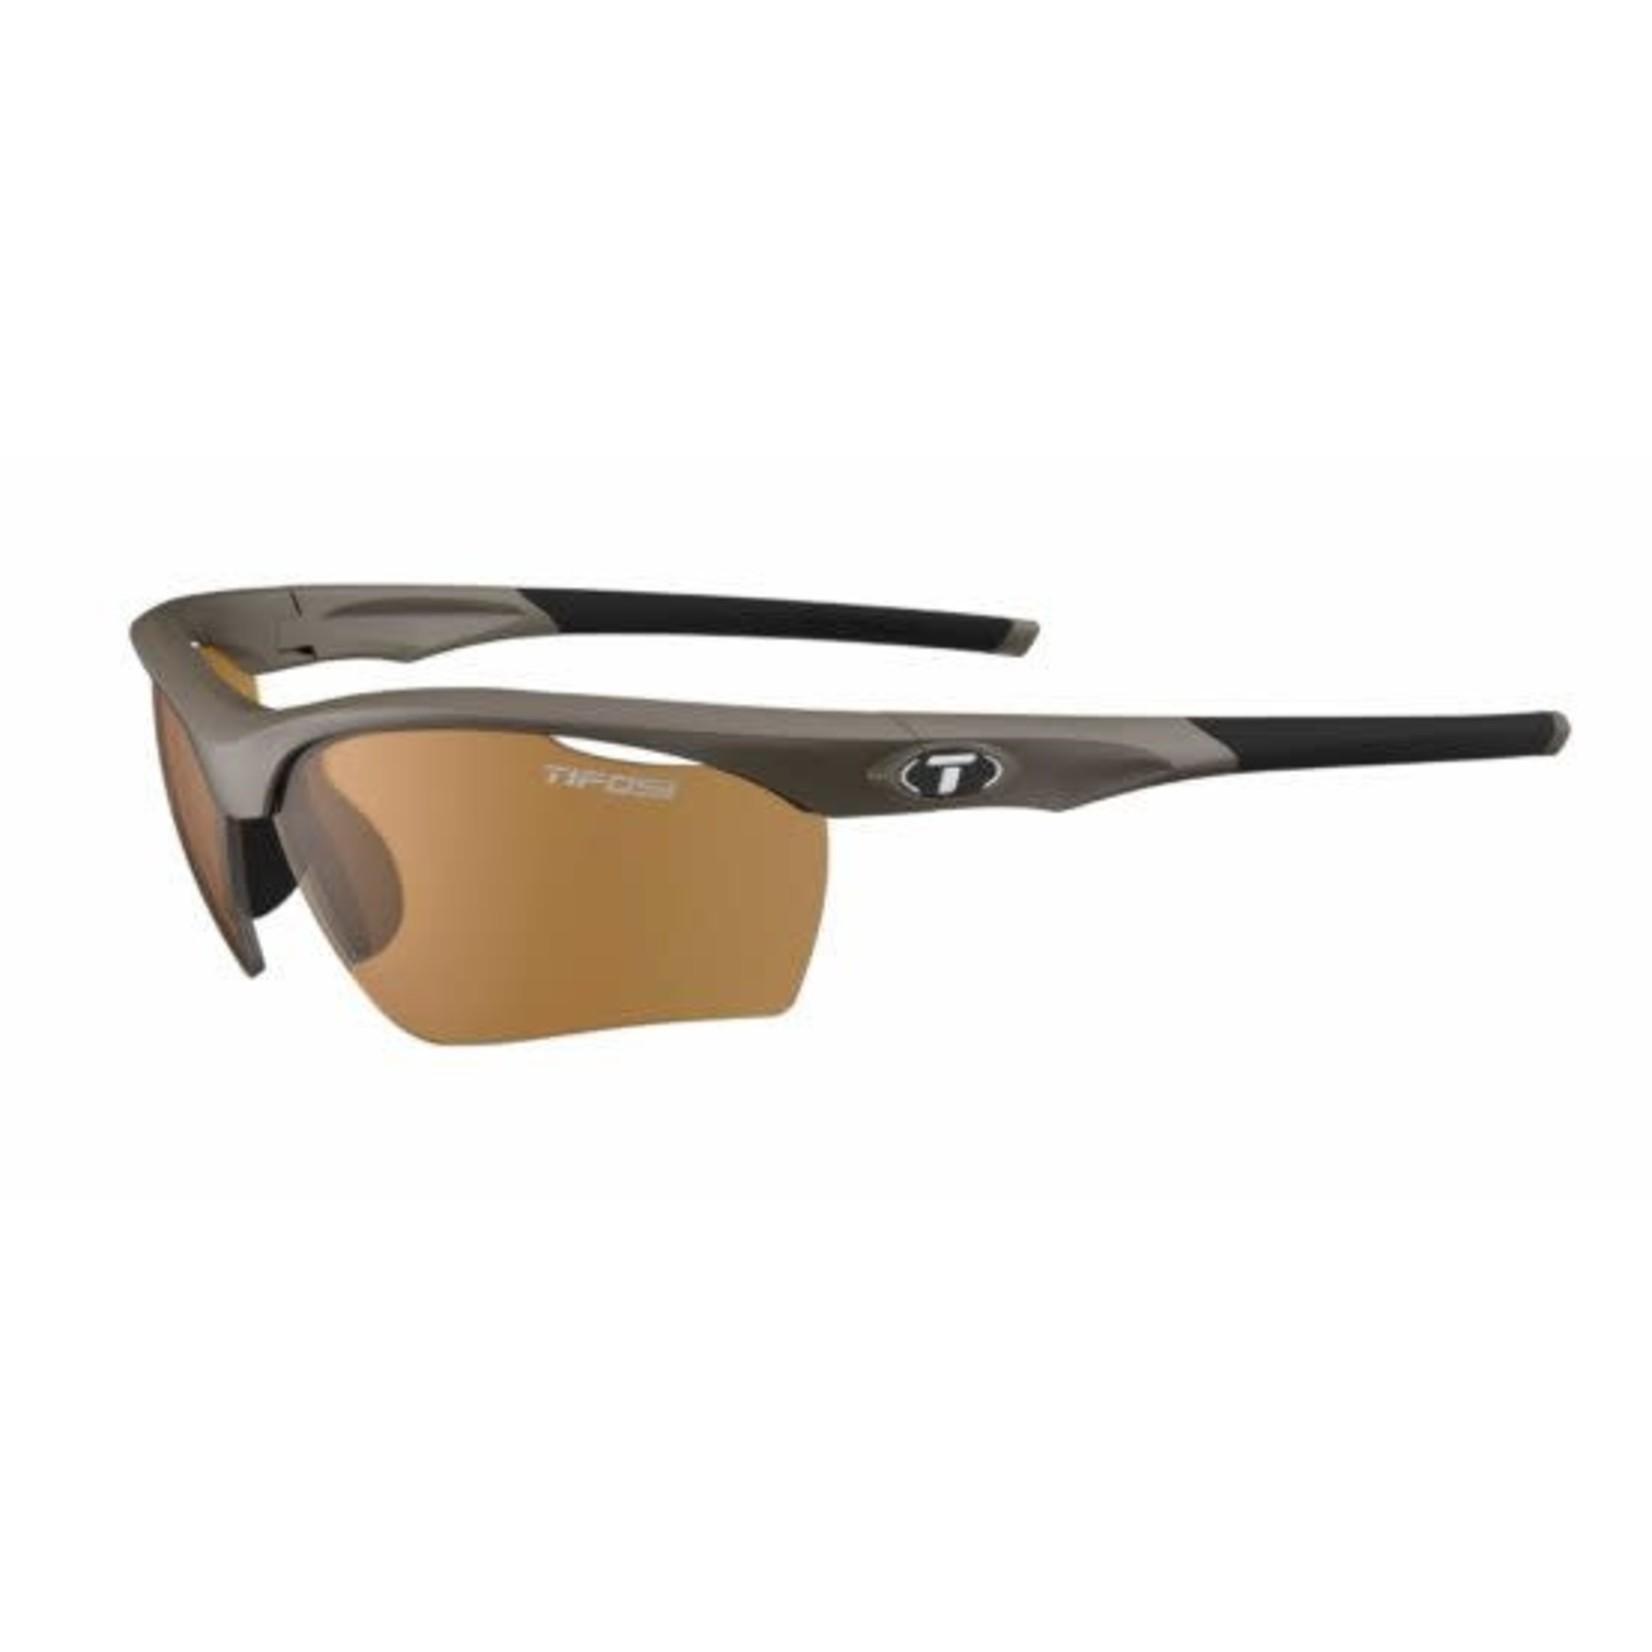 Tifosi Optics Vero, Iron Fototec Sunglasses